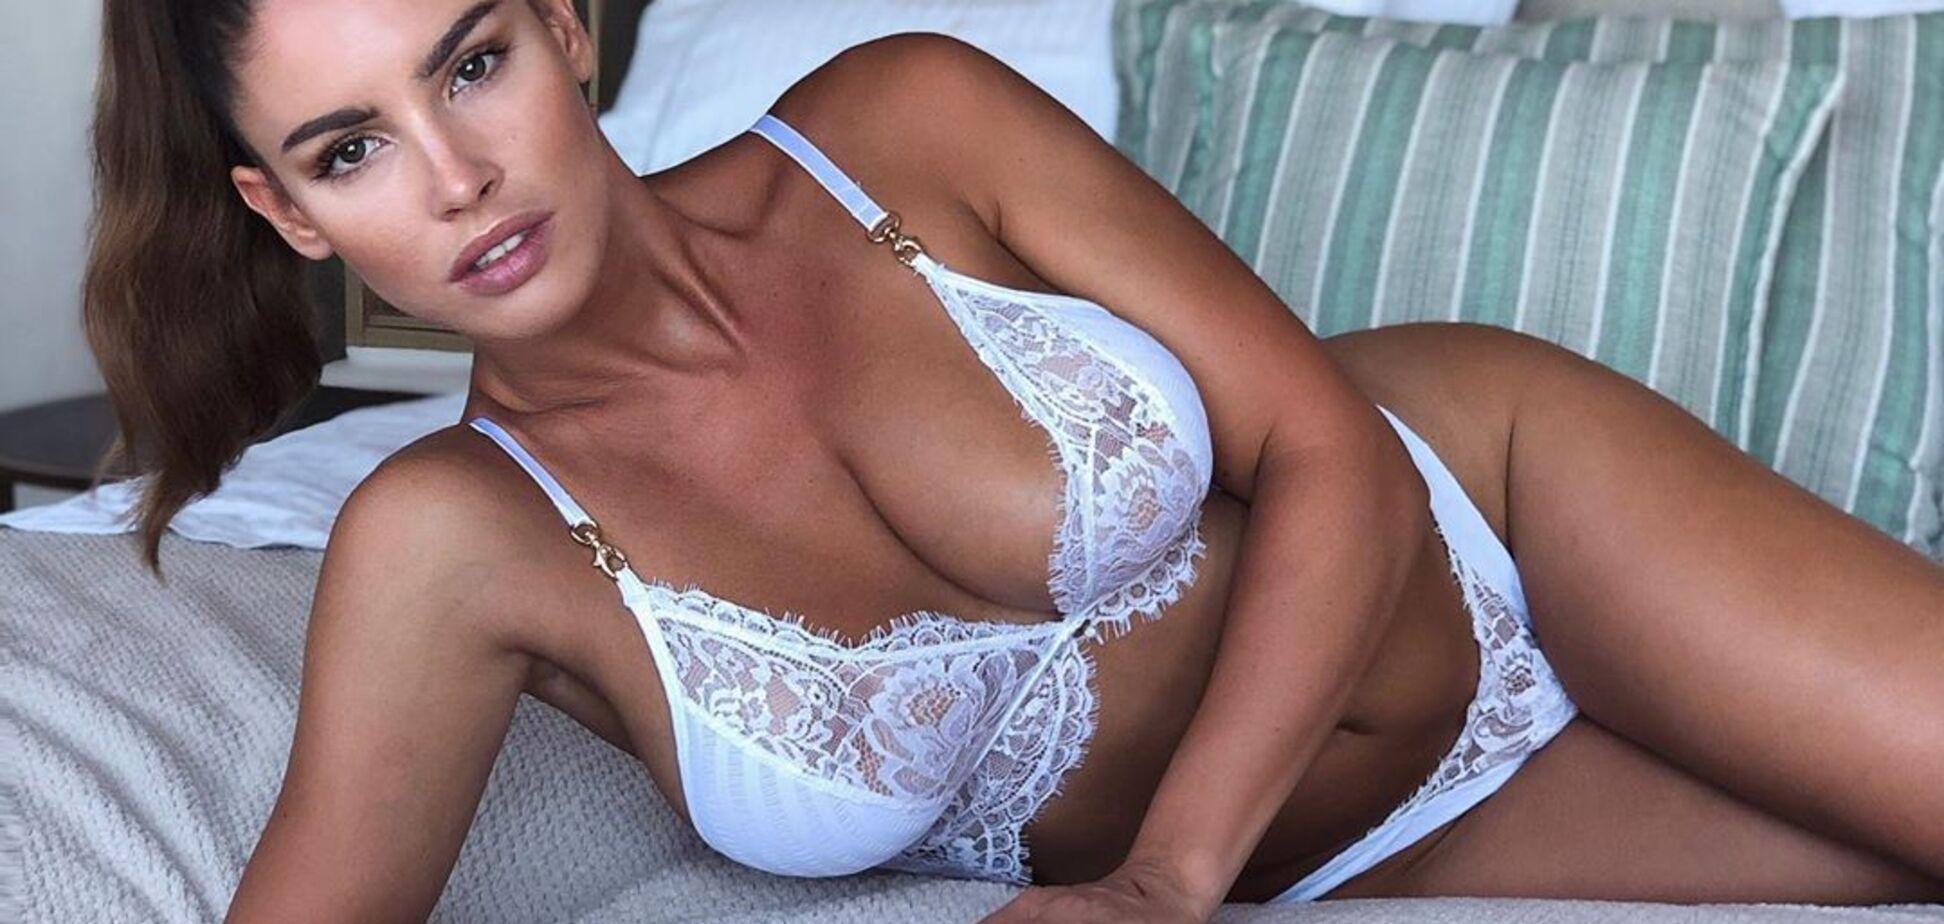 Знаменитая фитнес-модель Люсия Яворчикова прогулялась полностью голой и показала фото